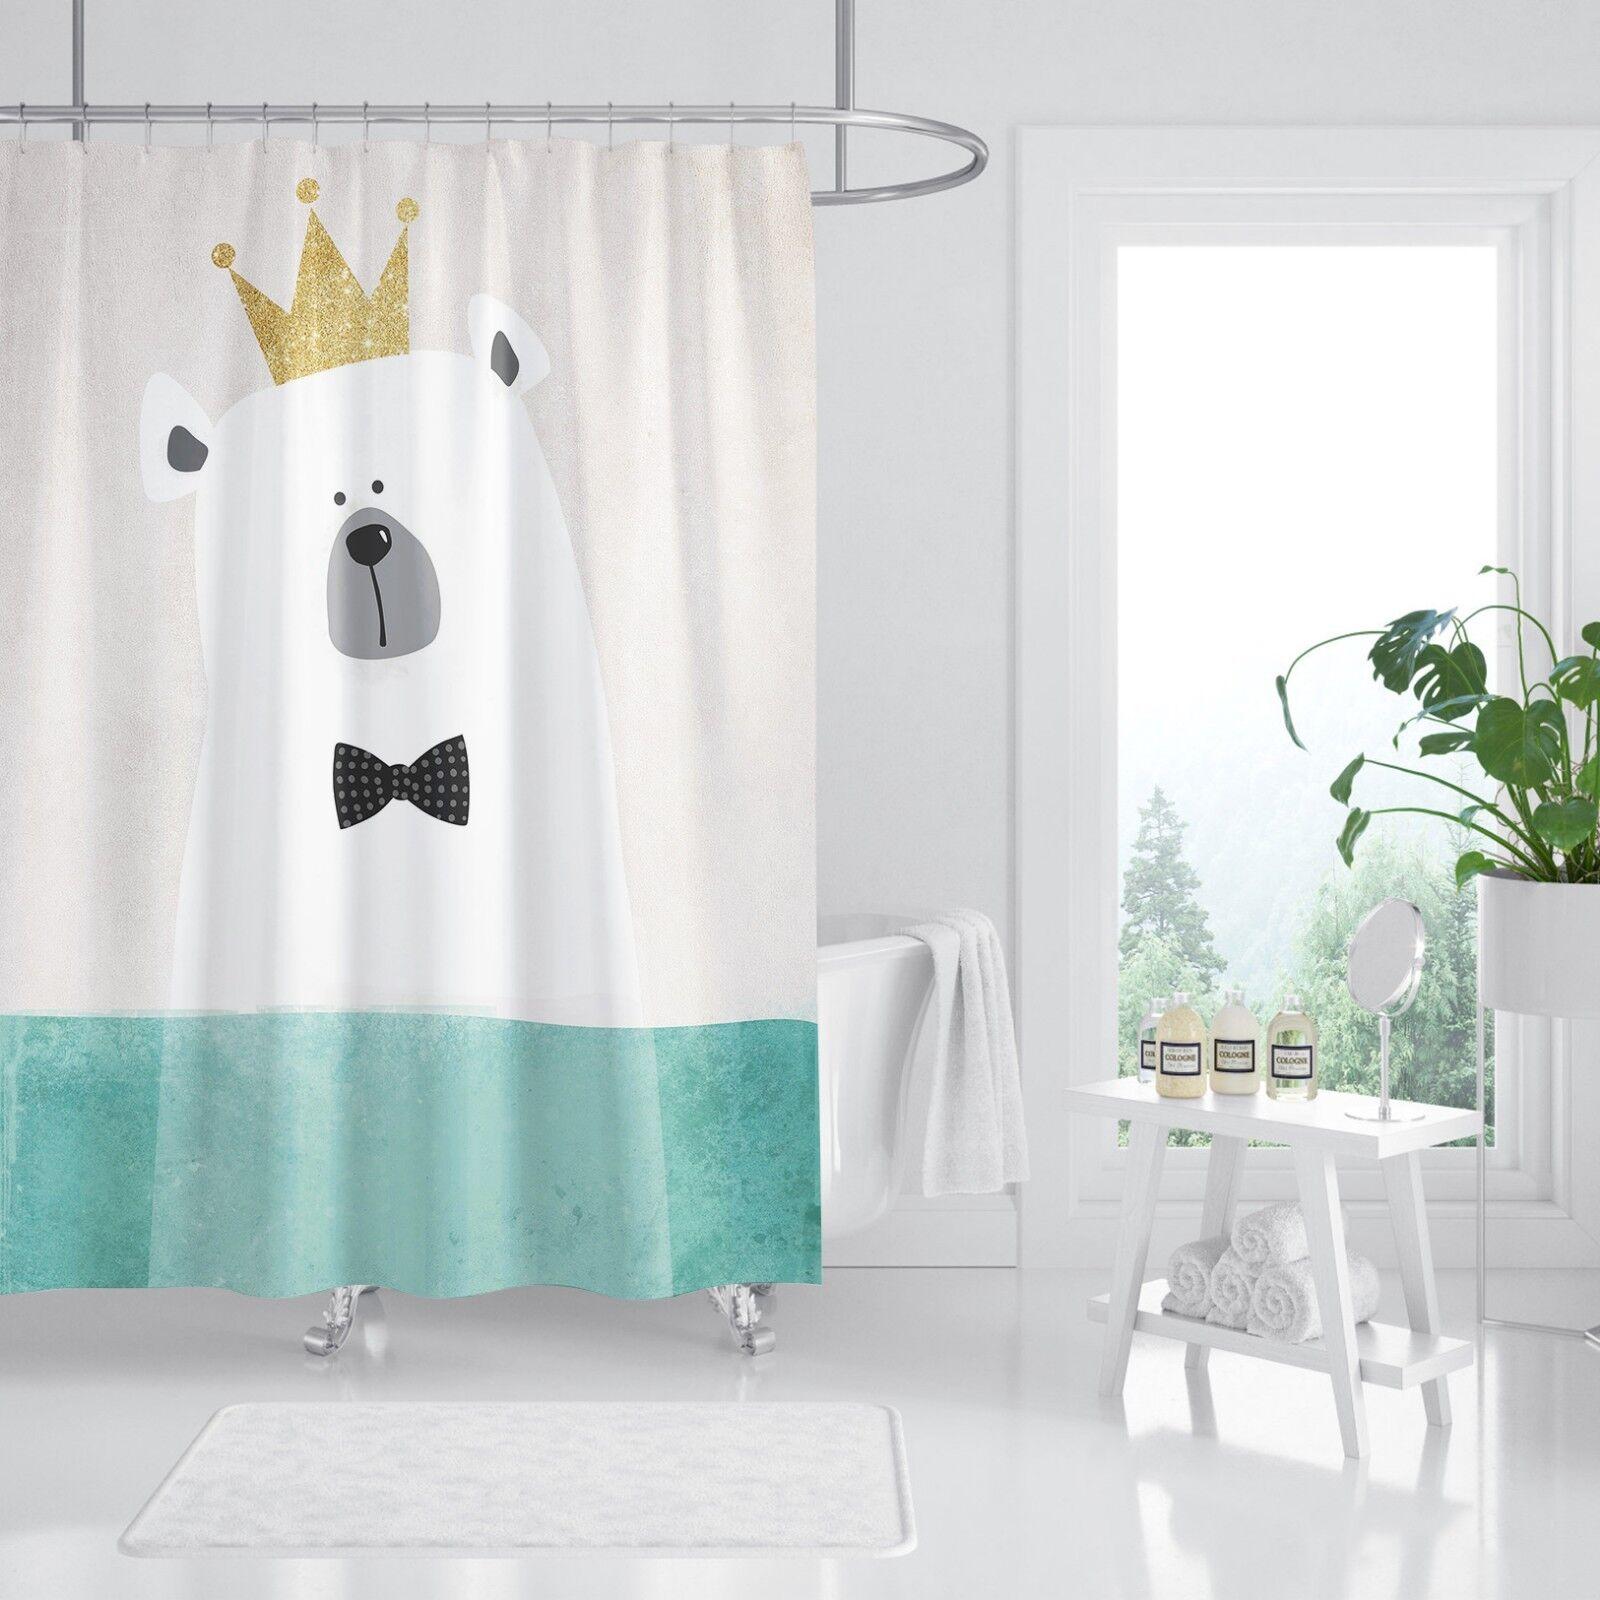 3D COURONNE Bear 45 Rideau de Douche Imperméable Fibre Salle de Bain Home Windows Toilette